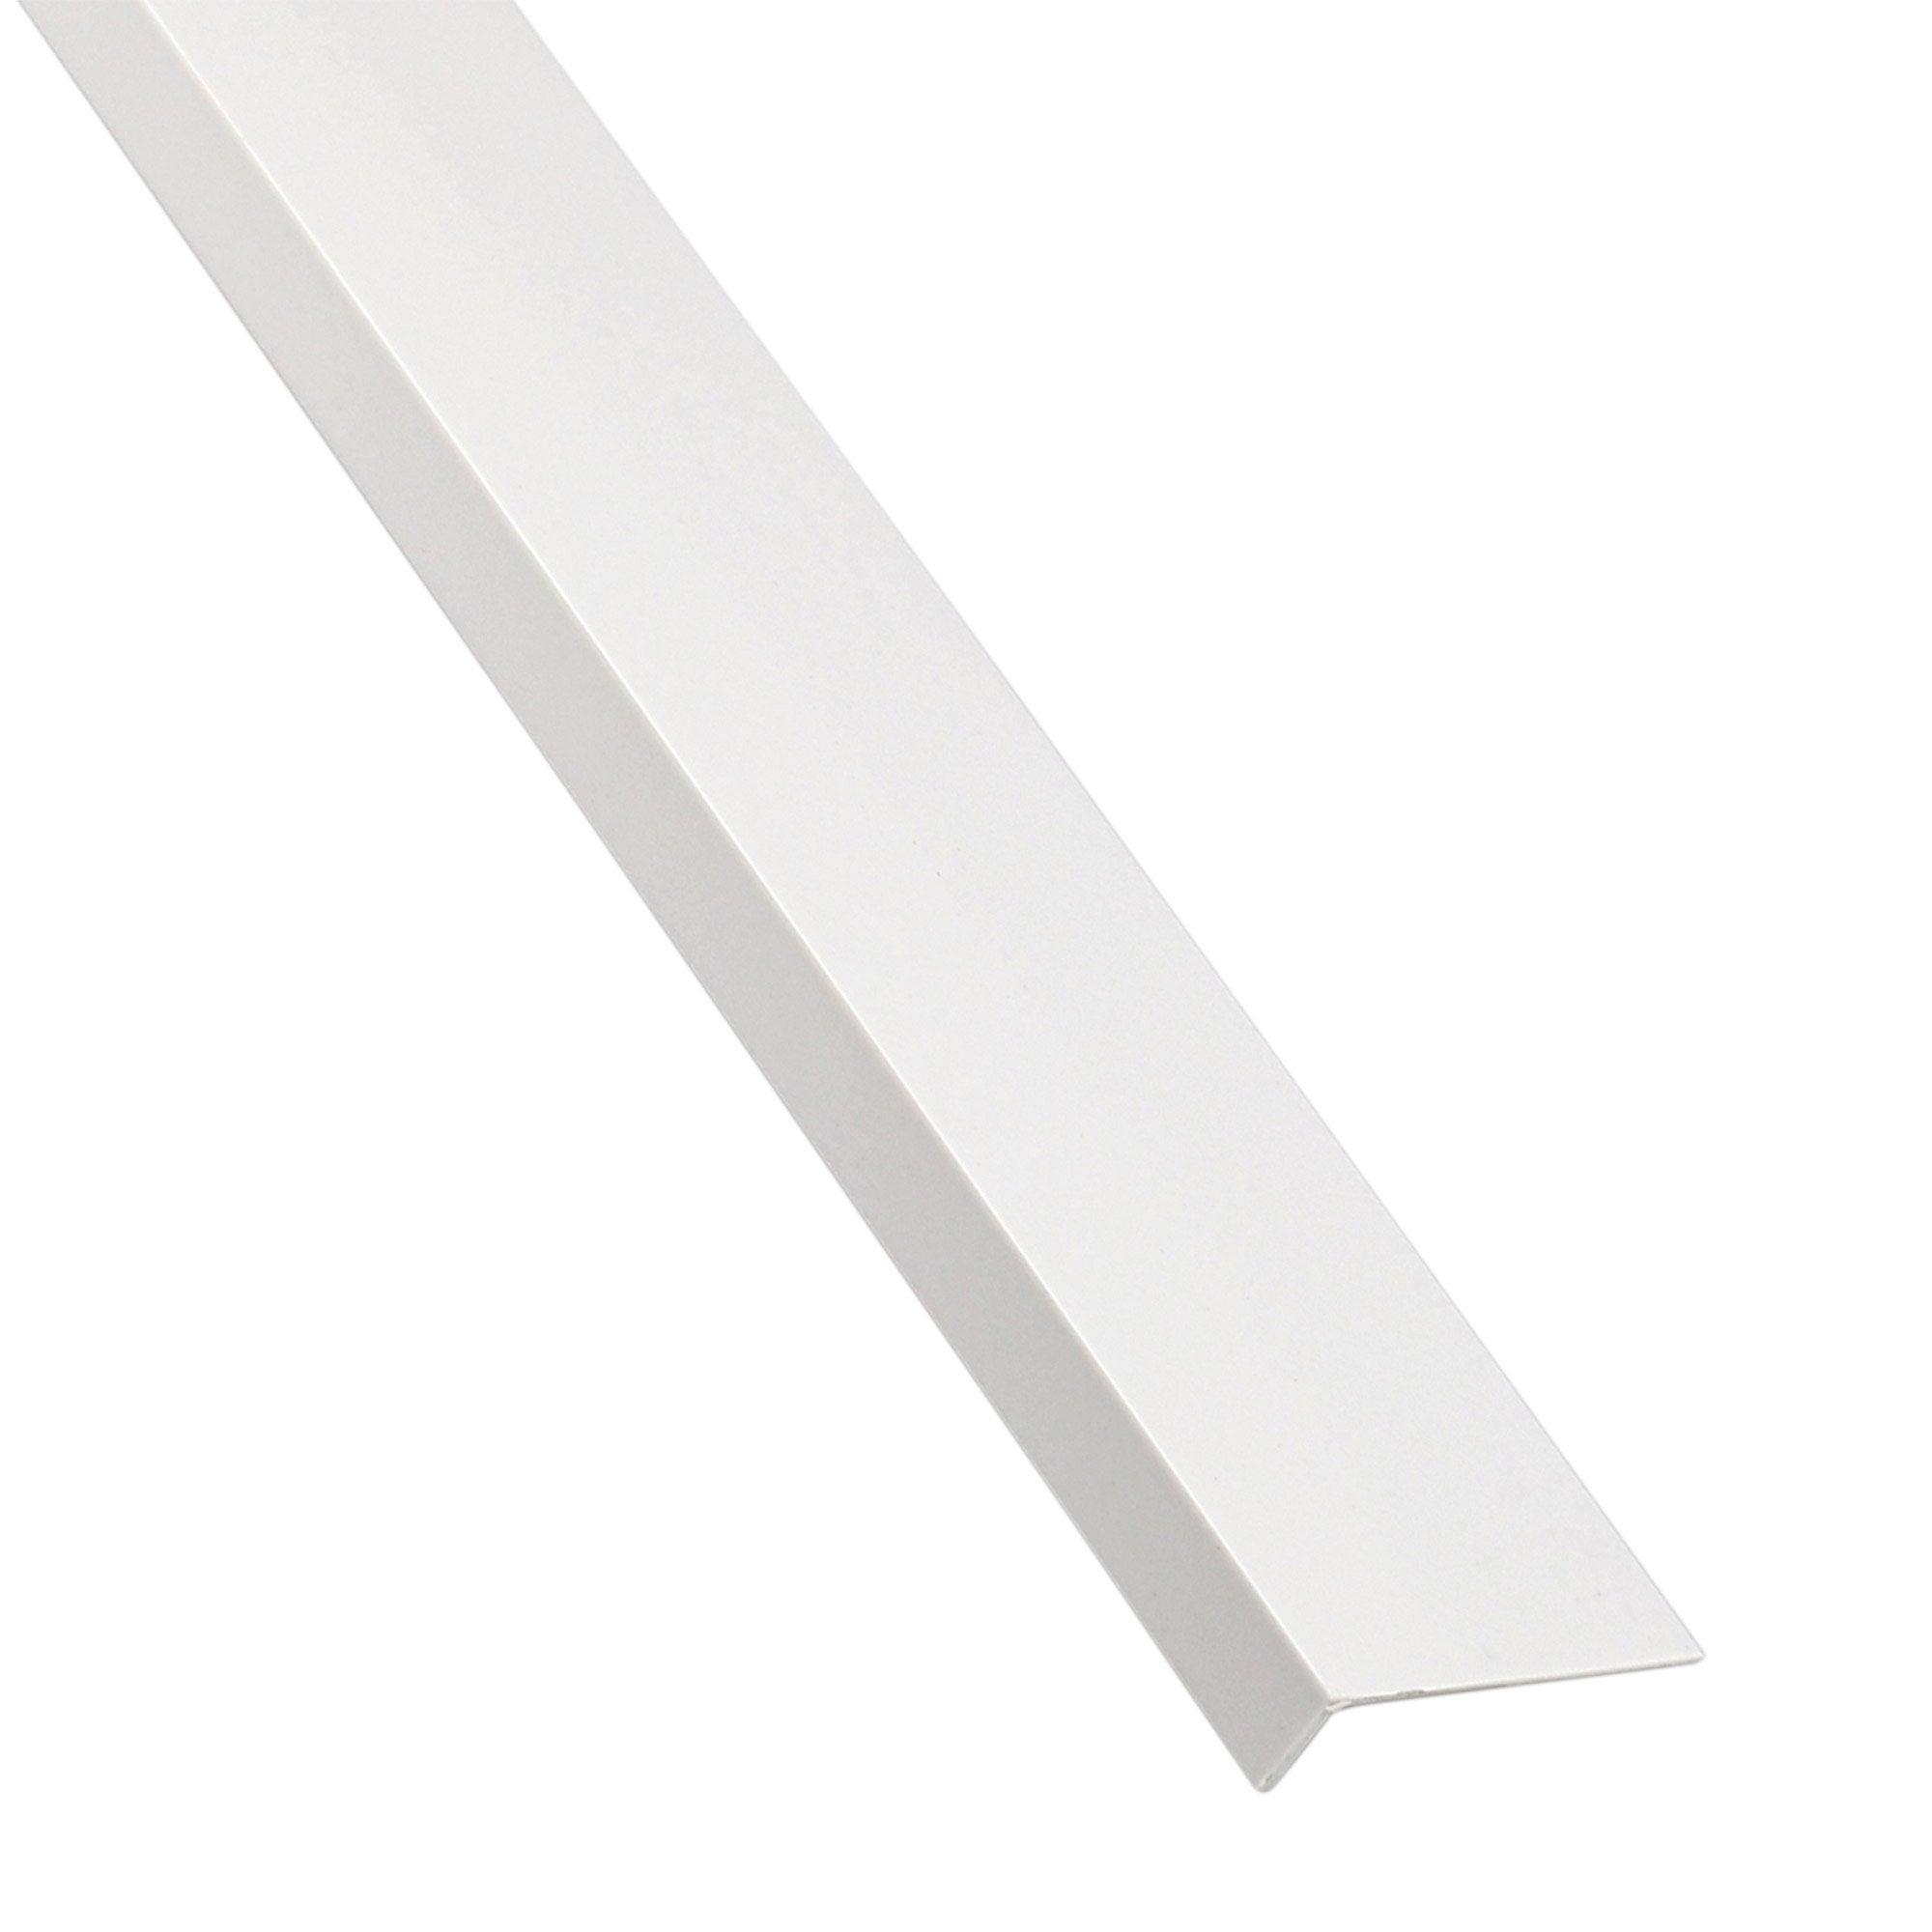 Cornière Inégale Pvc Mat Blanc L26 M X L35 Cm X H2 Cm